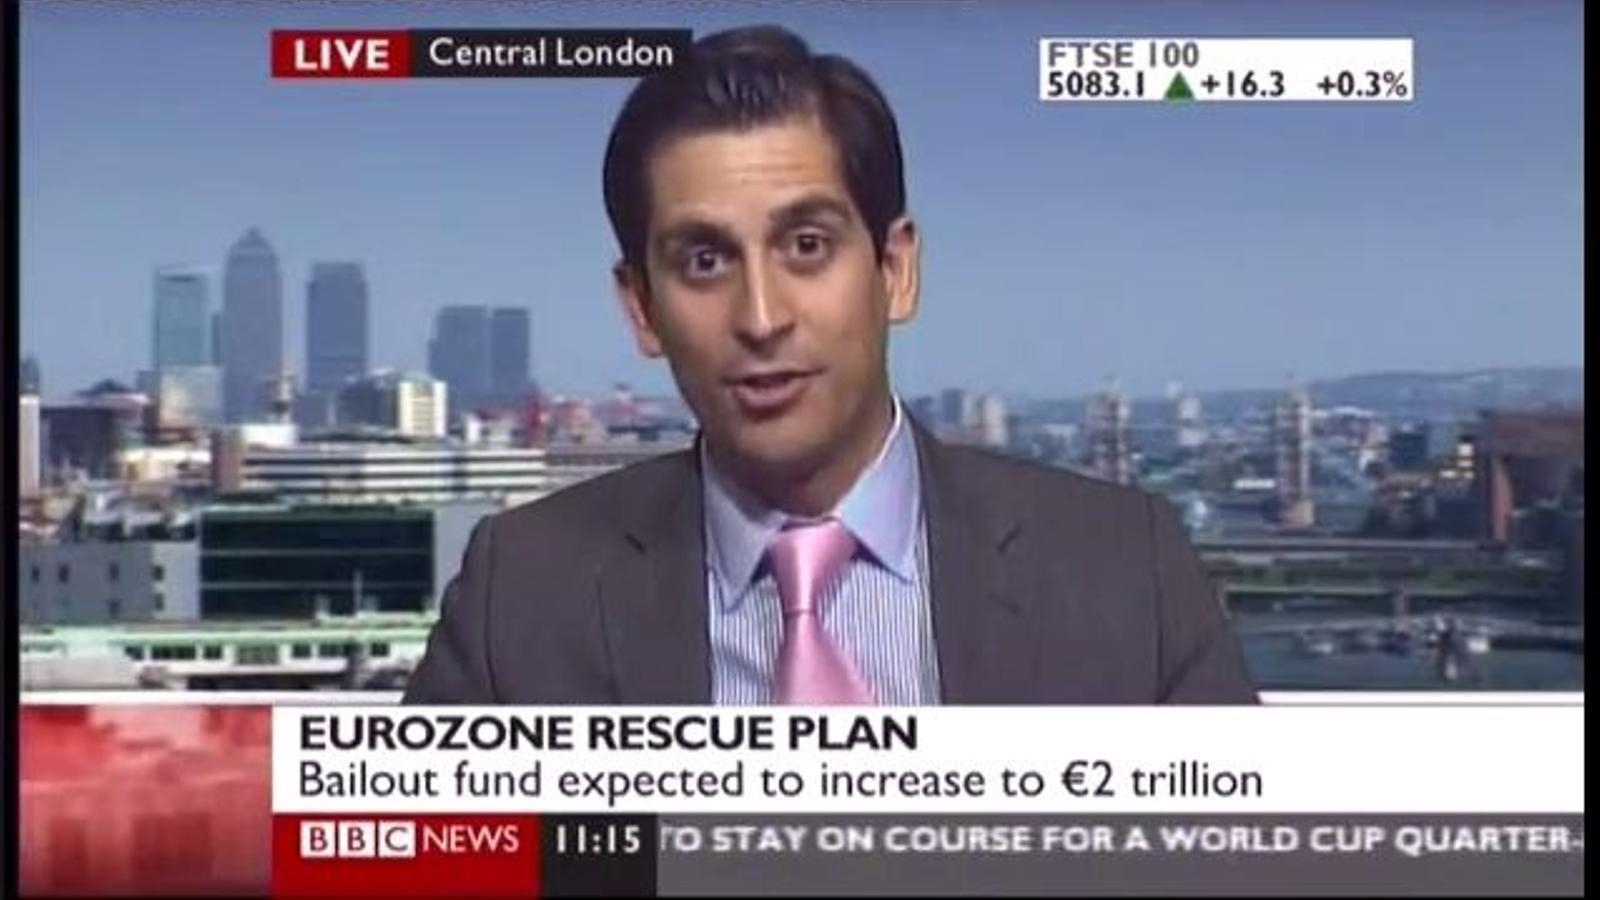 """Polèmica entrevista de la BBC a un especulador anglès: """"No ens importa que arreglin l'economia, la nostra feina és guanyar diners, i jo porto tres anys somniant amb aquesta crisi"""""""